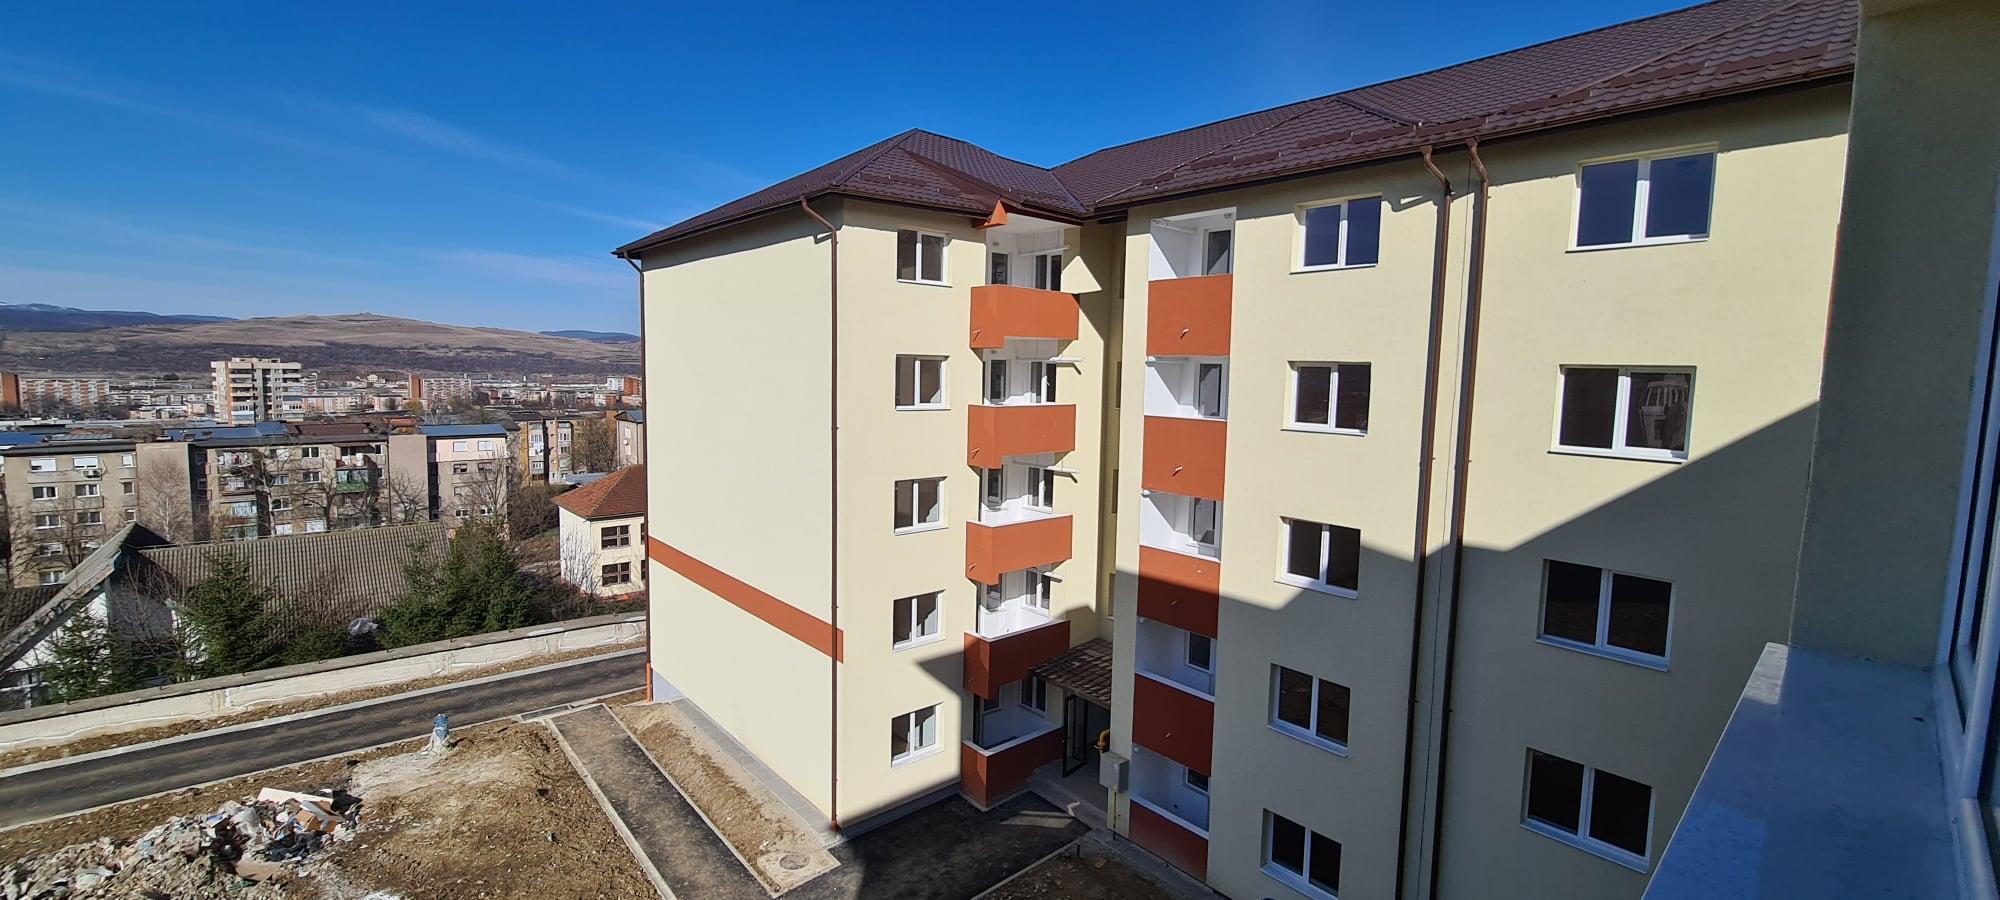 Locuinţe ANL repartizate, prin tragere la sorţi, la Hunedoara